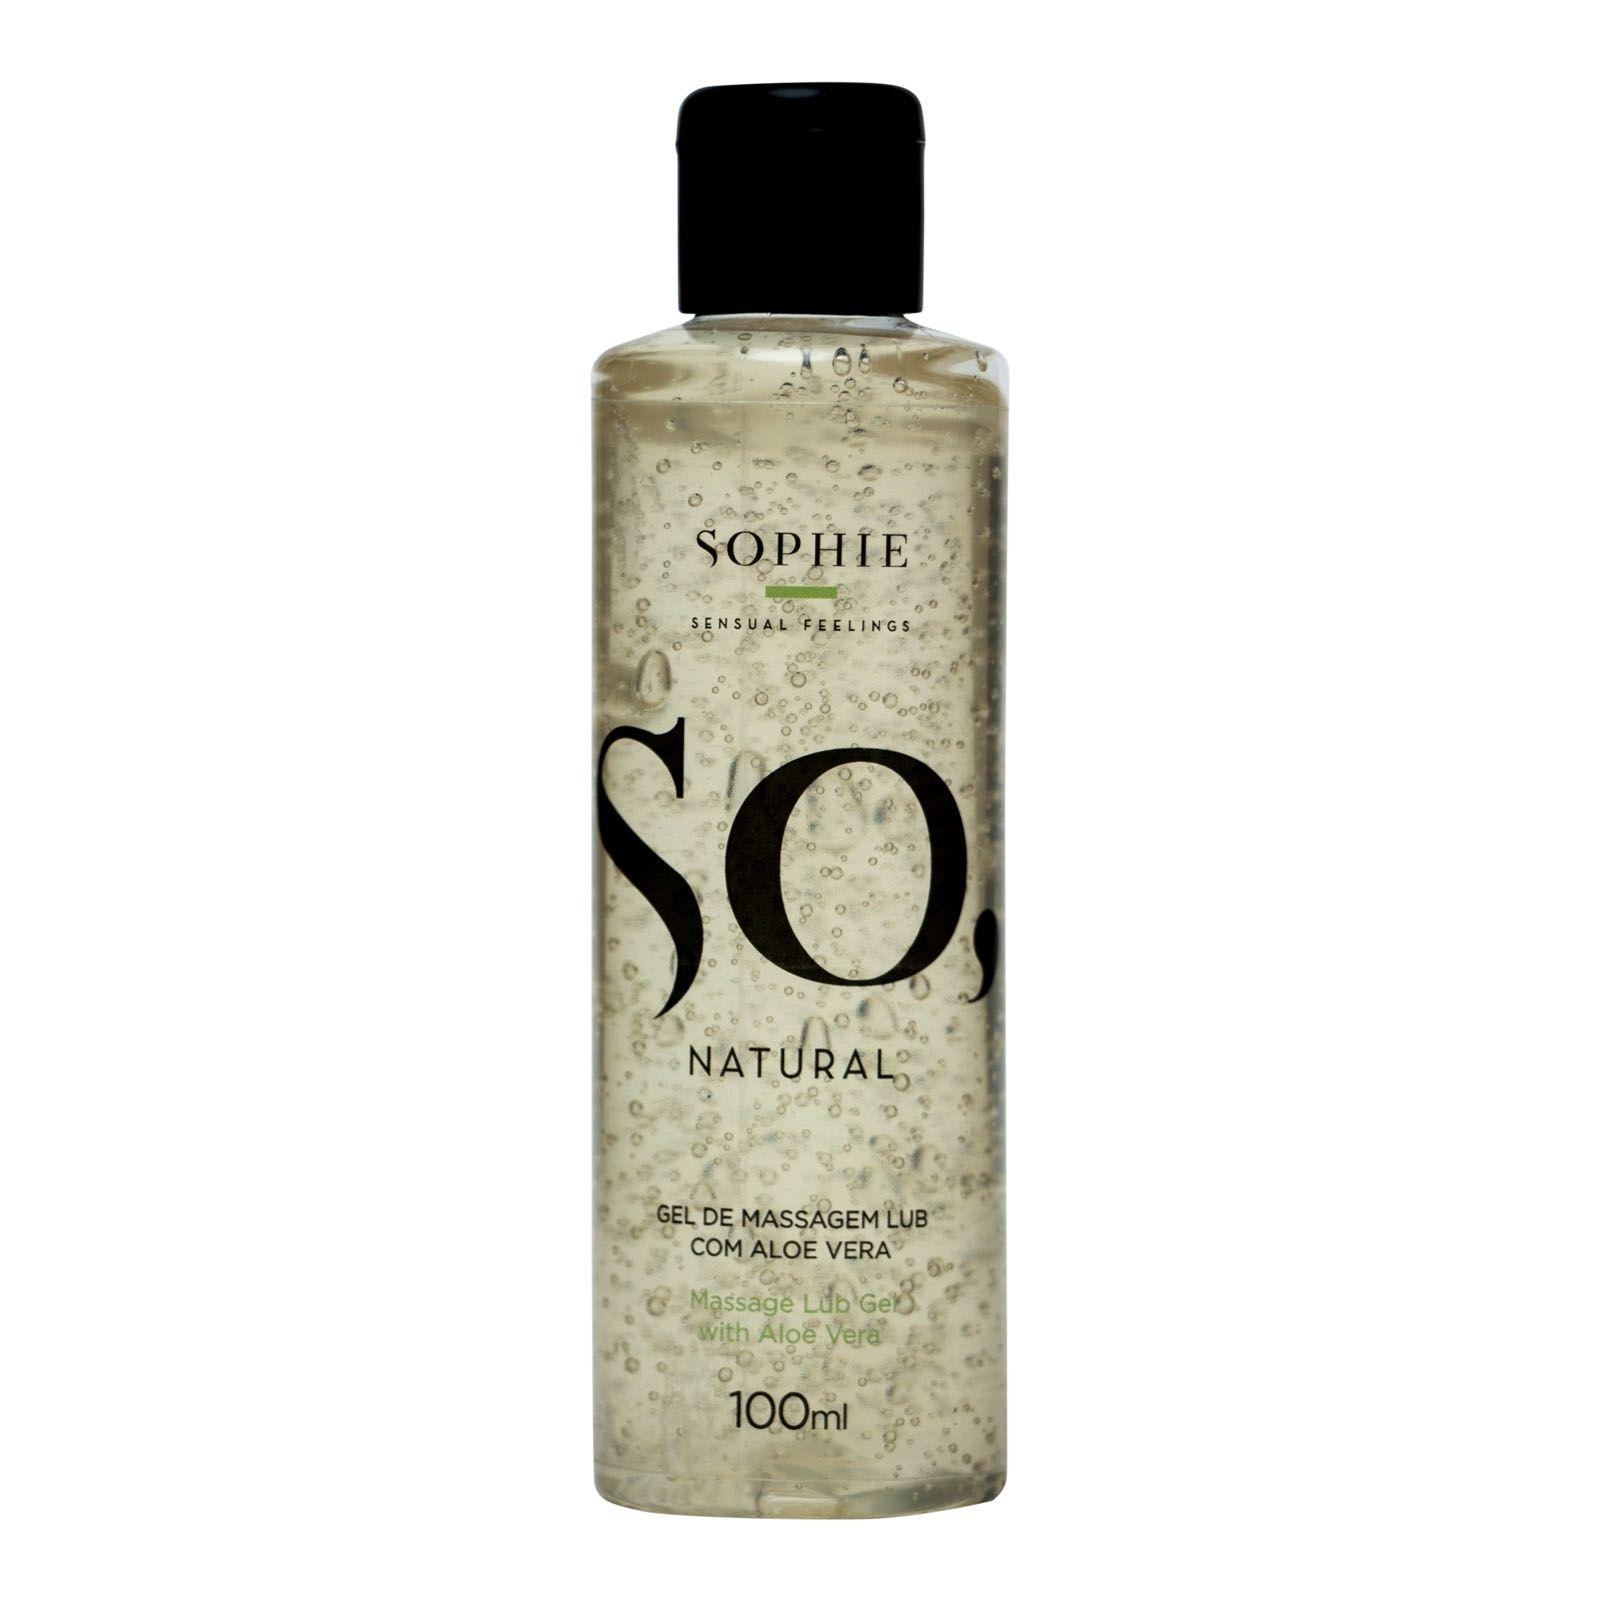 Lubrificante Com Aloe Vera - So Natural 100ml - Sophie